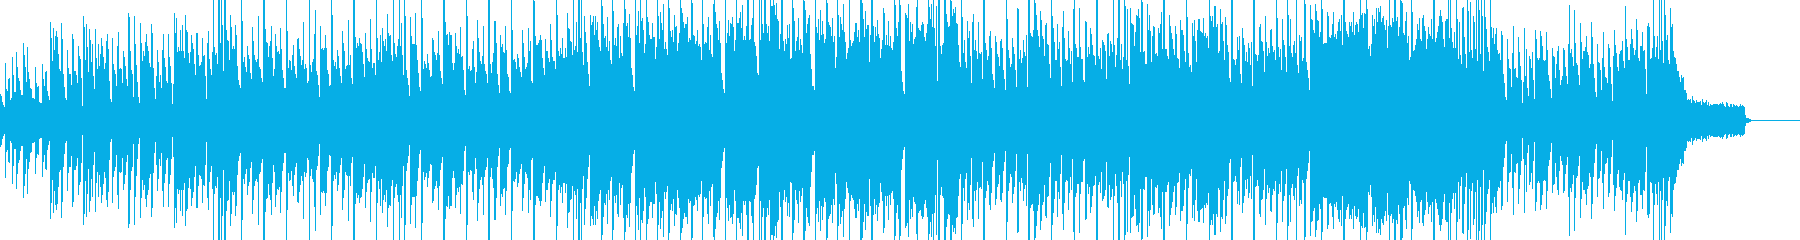 南洋・エスニック・騒がしいの再生済みの波形